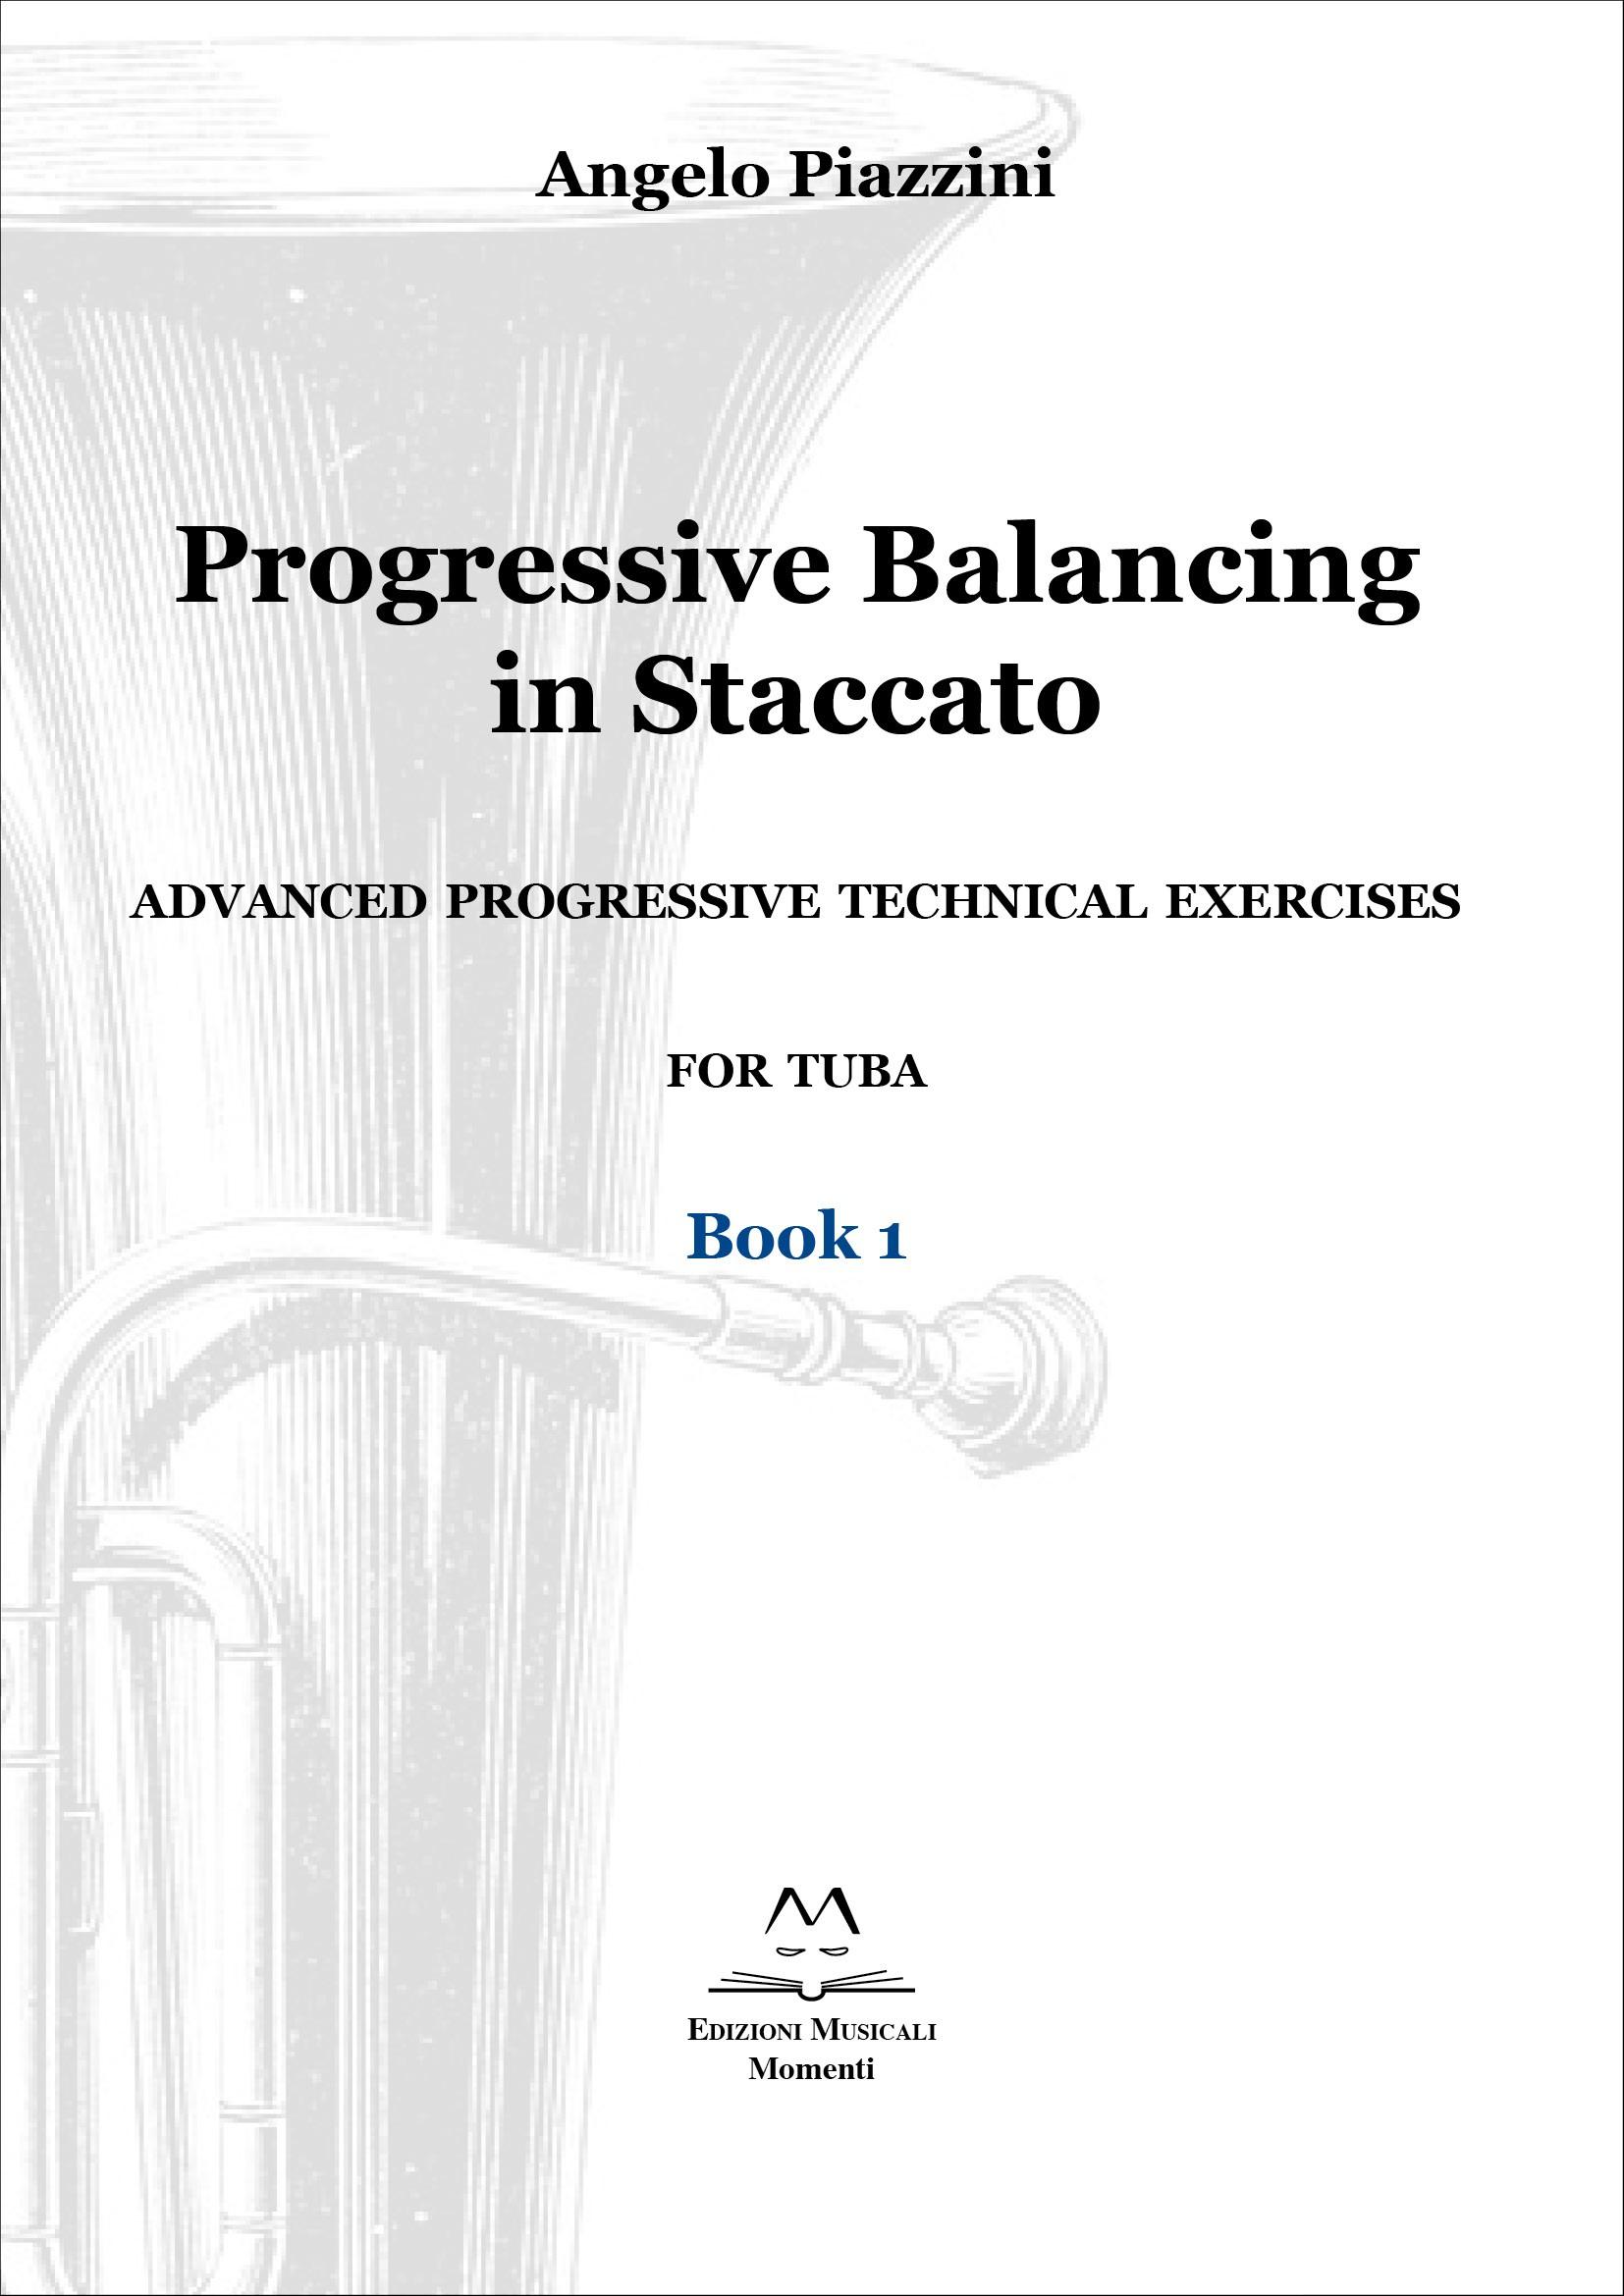 Progressive Balancing in Staccato for Tuba - Book 1 di Angelo Piazzini